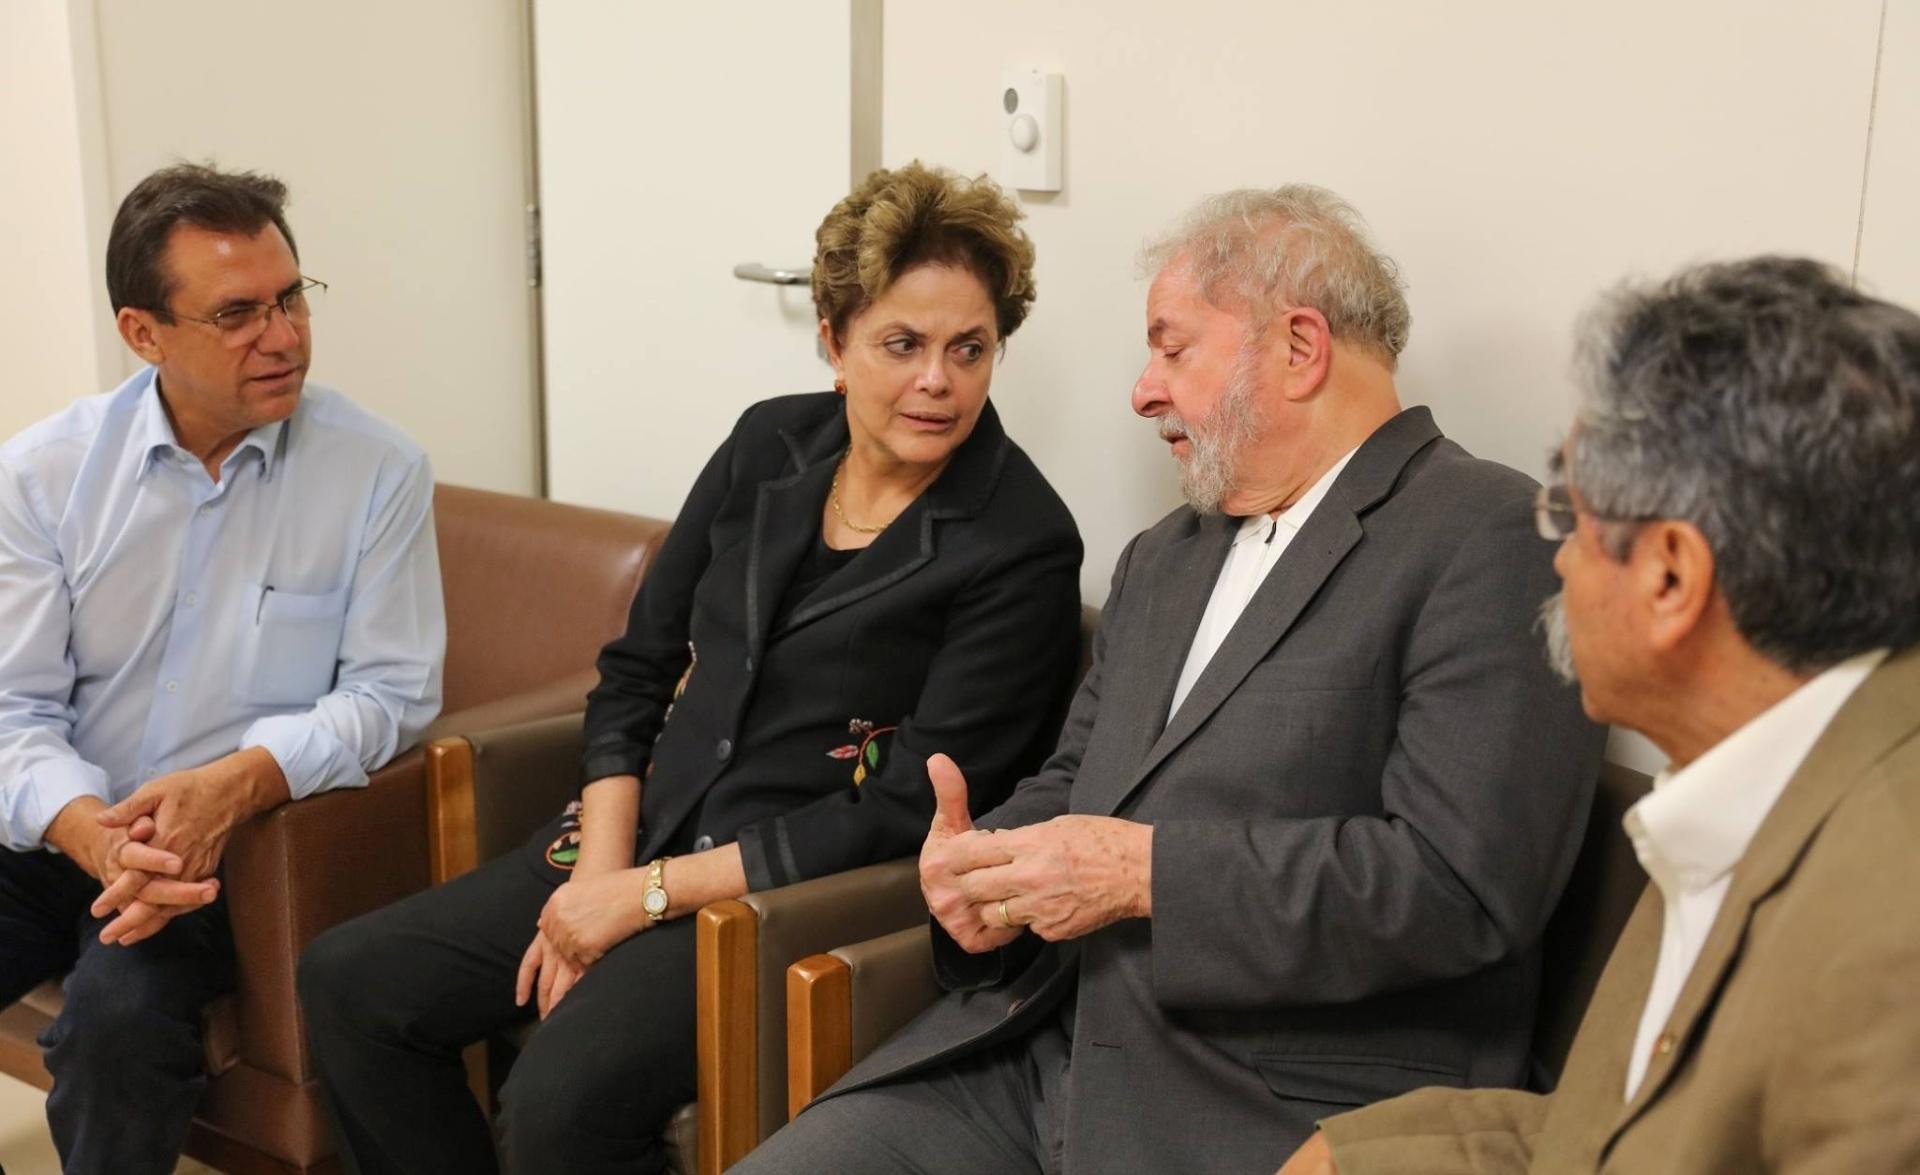 3.fev.2017 - A ex-presidente Dilma Rousseff antecipou a volta da Europa para se solidarizar com o ex-presidente Lula. Junto com eles, o ex-governador do Rio Grande do Sul, Olívio Dutra e o ex-prefeito de São Bernardo do Campo, Luiz Marinho